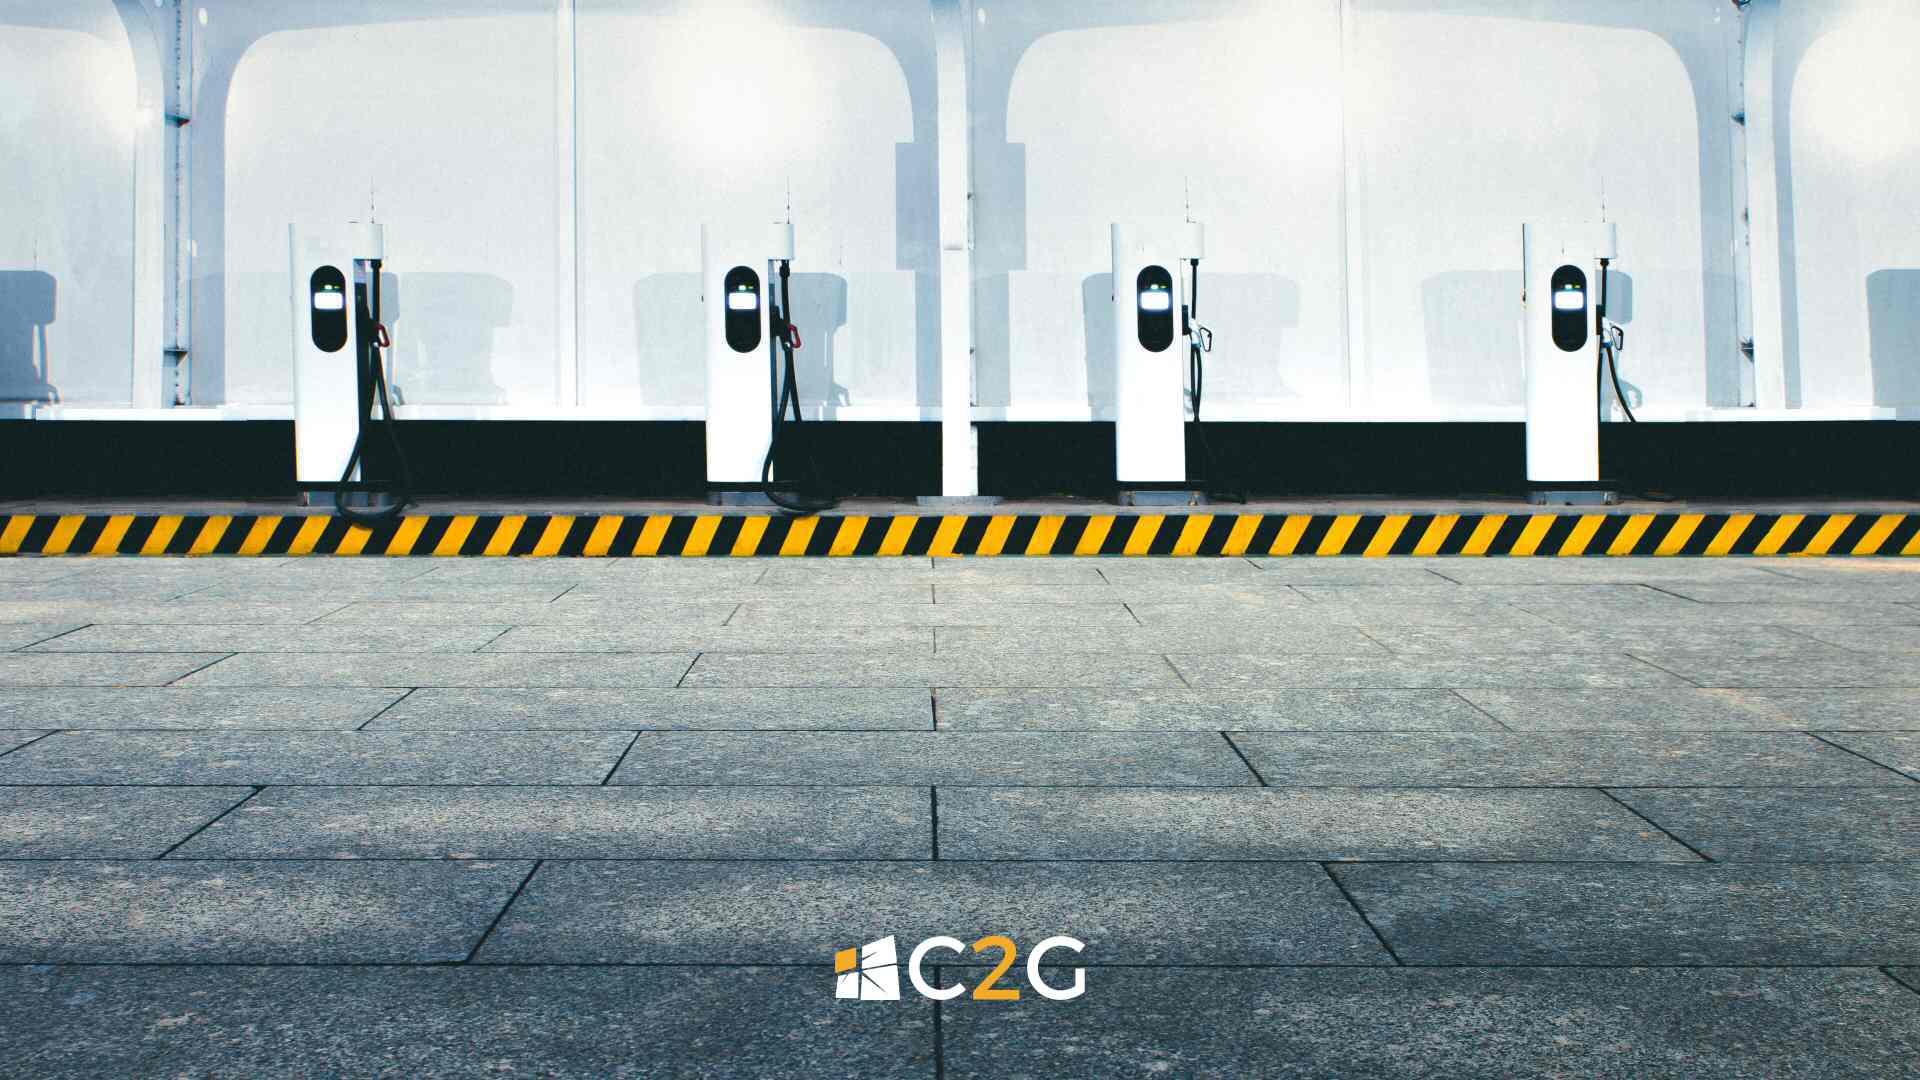 Ricarica auto parcheggio aziendale Lecco , Bergamo, Monza e Brianza - C2G Solar